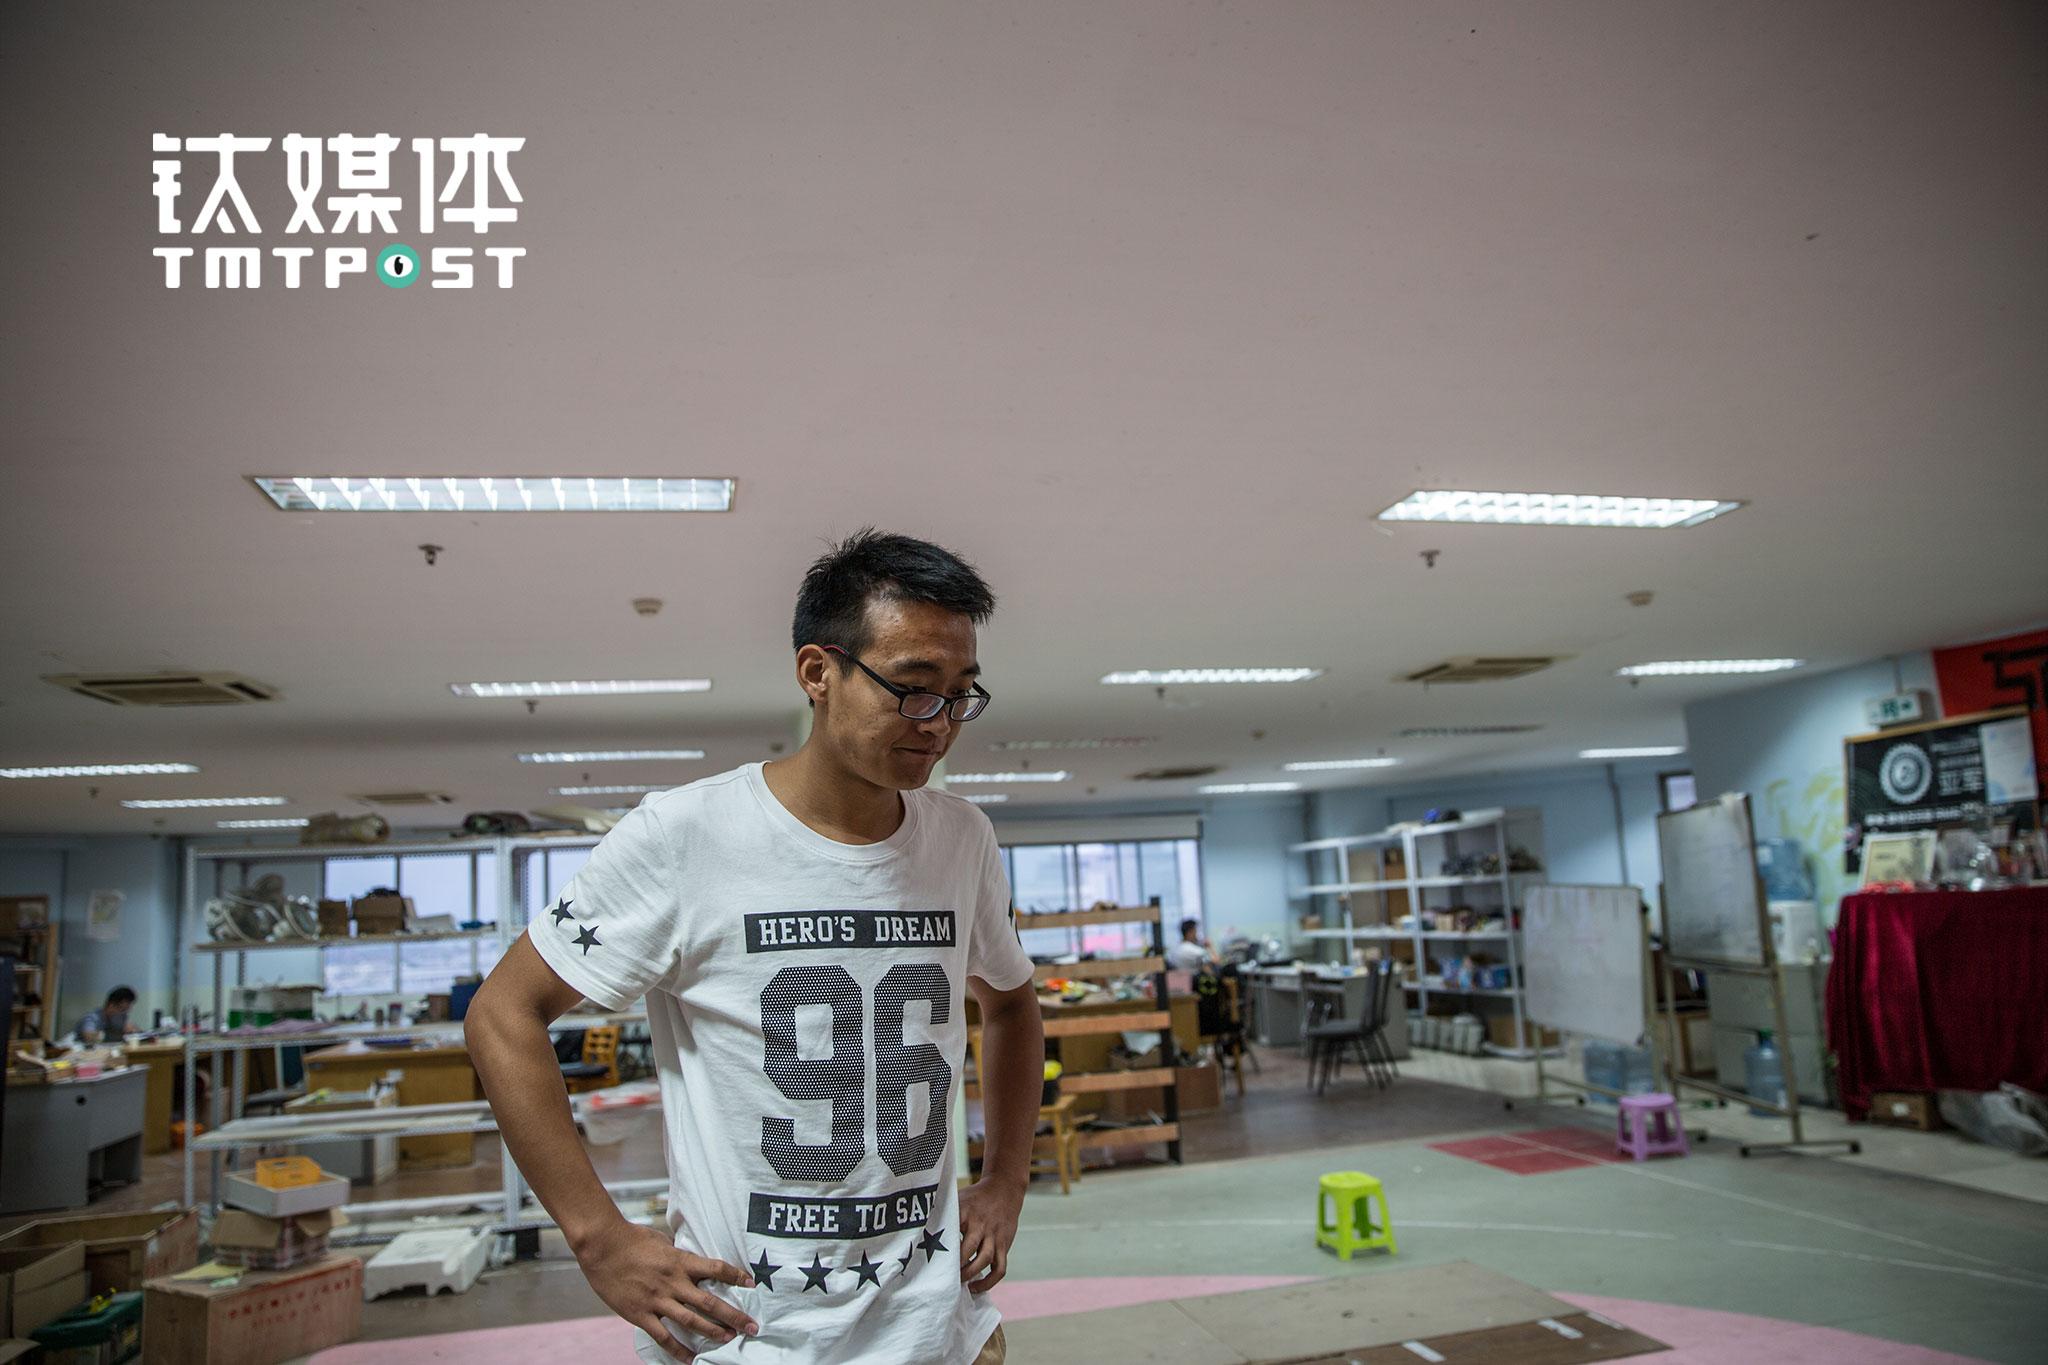 庞哲是中石大安全工程专业大三的学生,加入SPR战队半年,是一名机械师,在比赛中负责检修机器人的故障,战队在比赛中获得奖项,是最让他骄傲的事情。